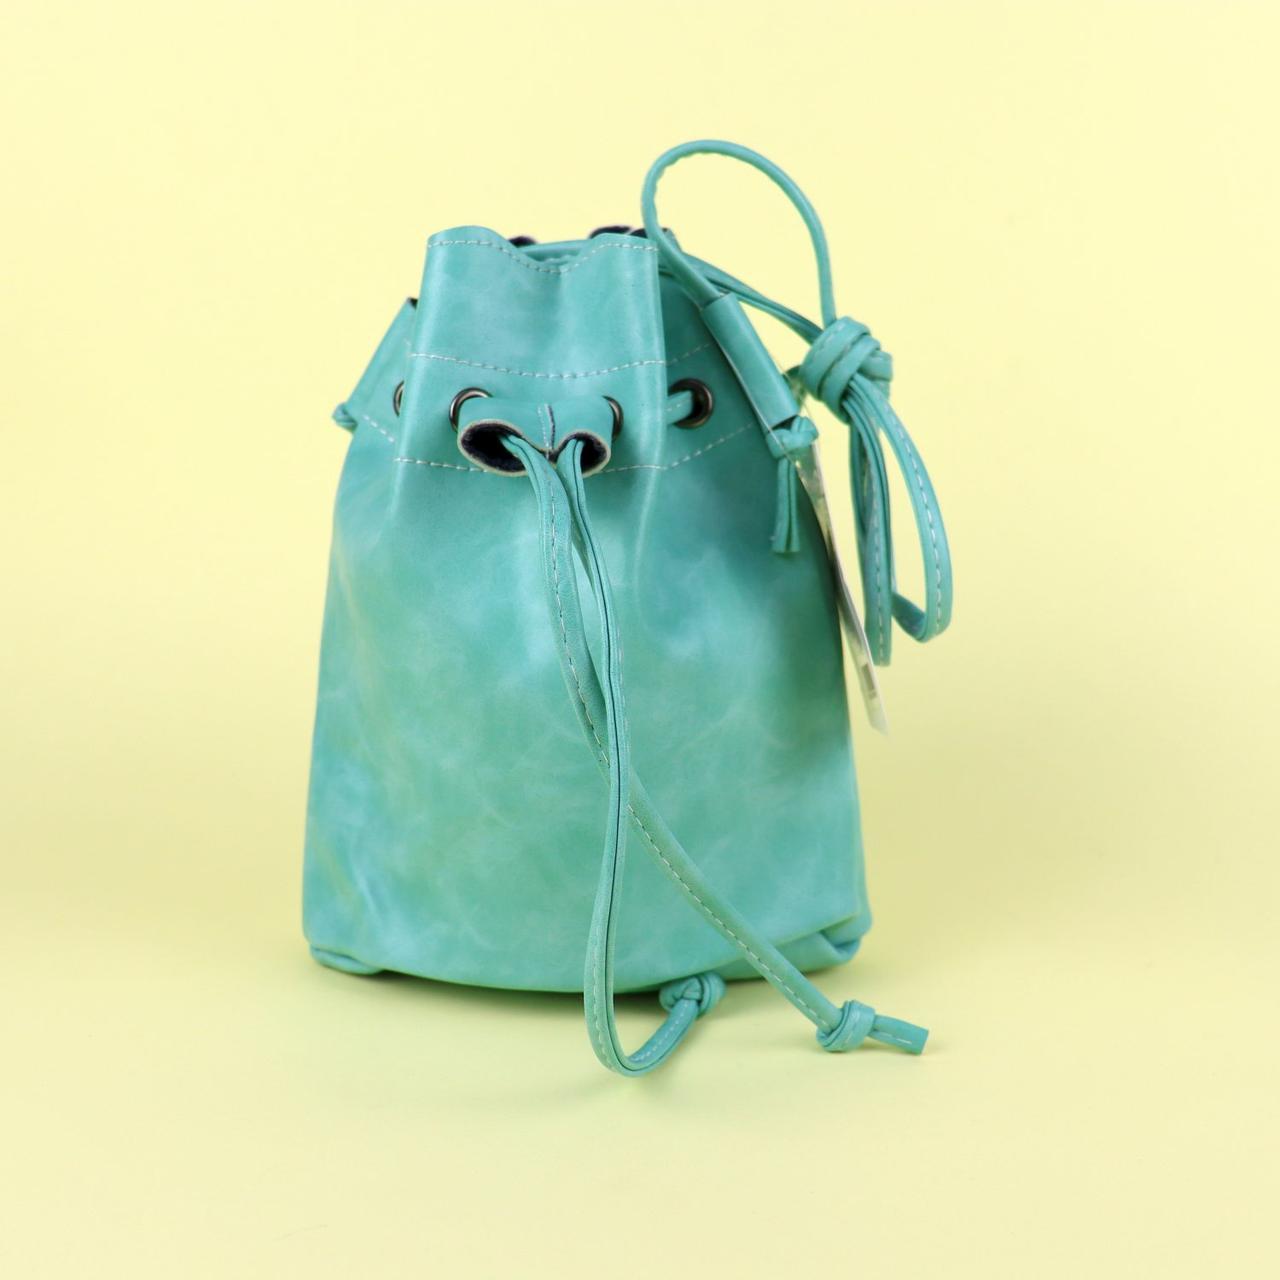 13 Модная яркая сумочка для девочек 1 отделение застежка-завязка длинная ручка 22-19-6 см